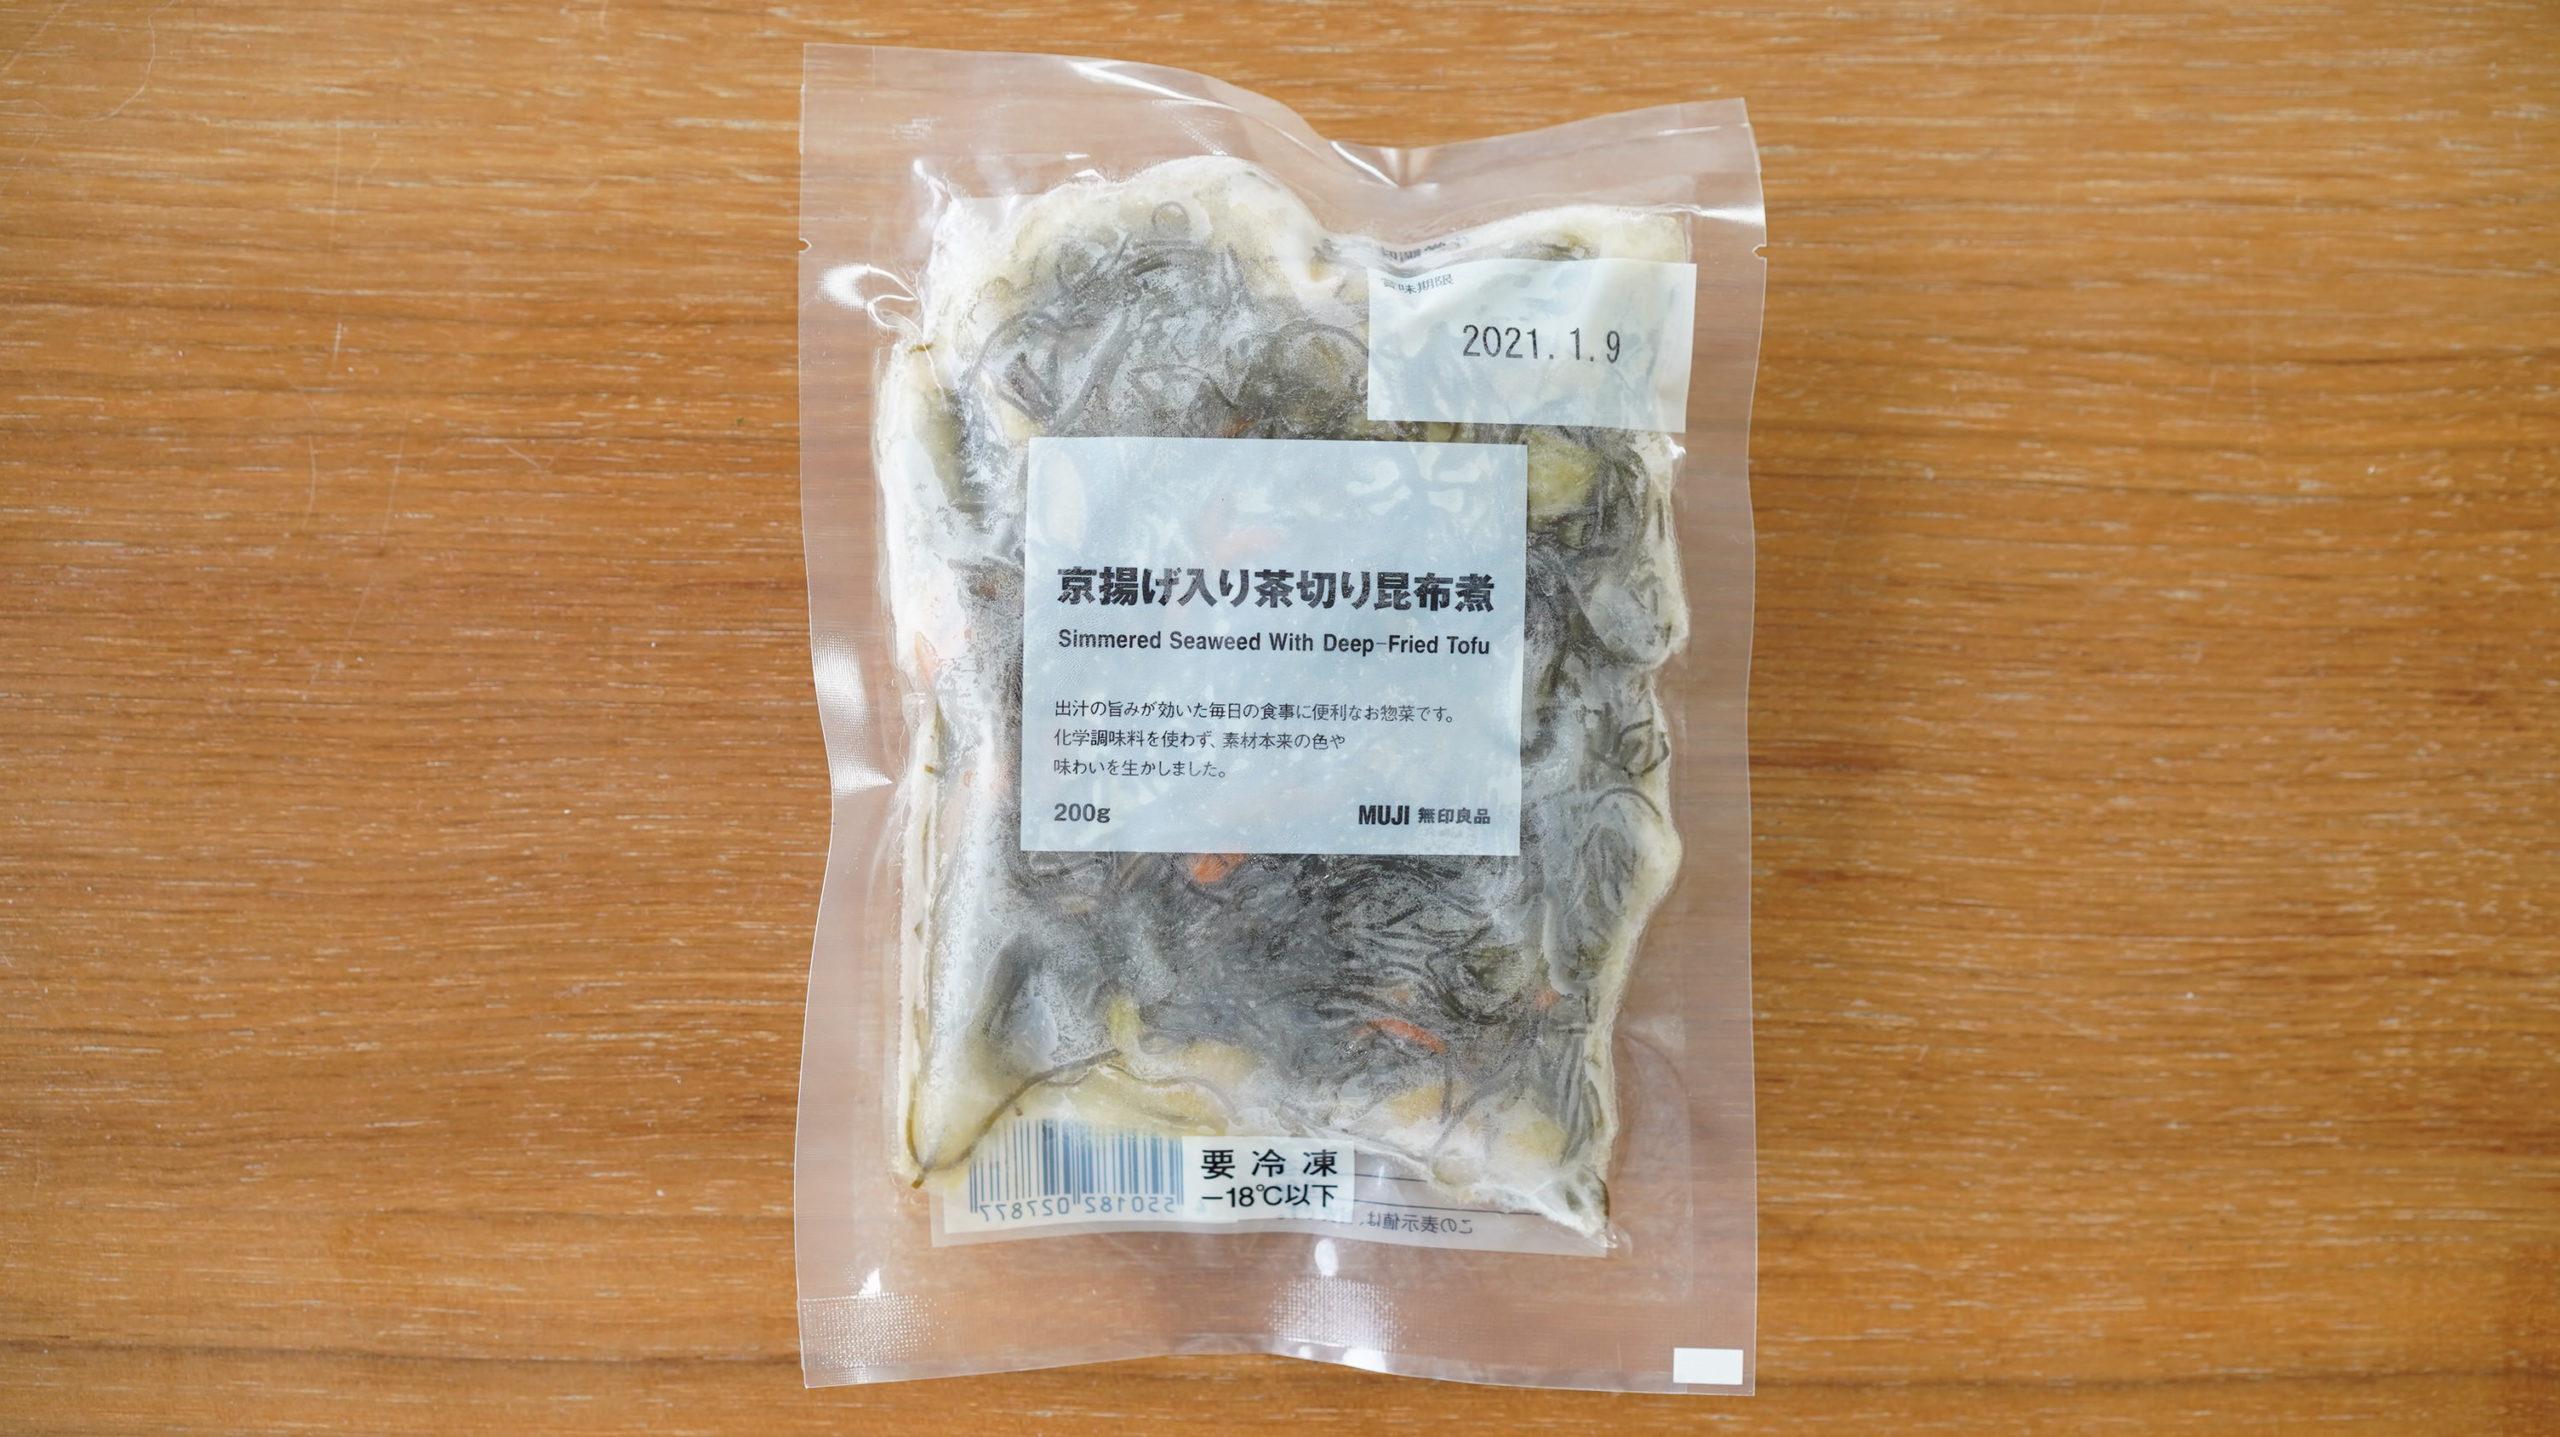 無印良品のおすすめ冷凍食品「京揚げ入り茶切り昆布煮」のパッケージの写真